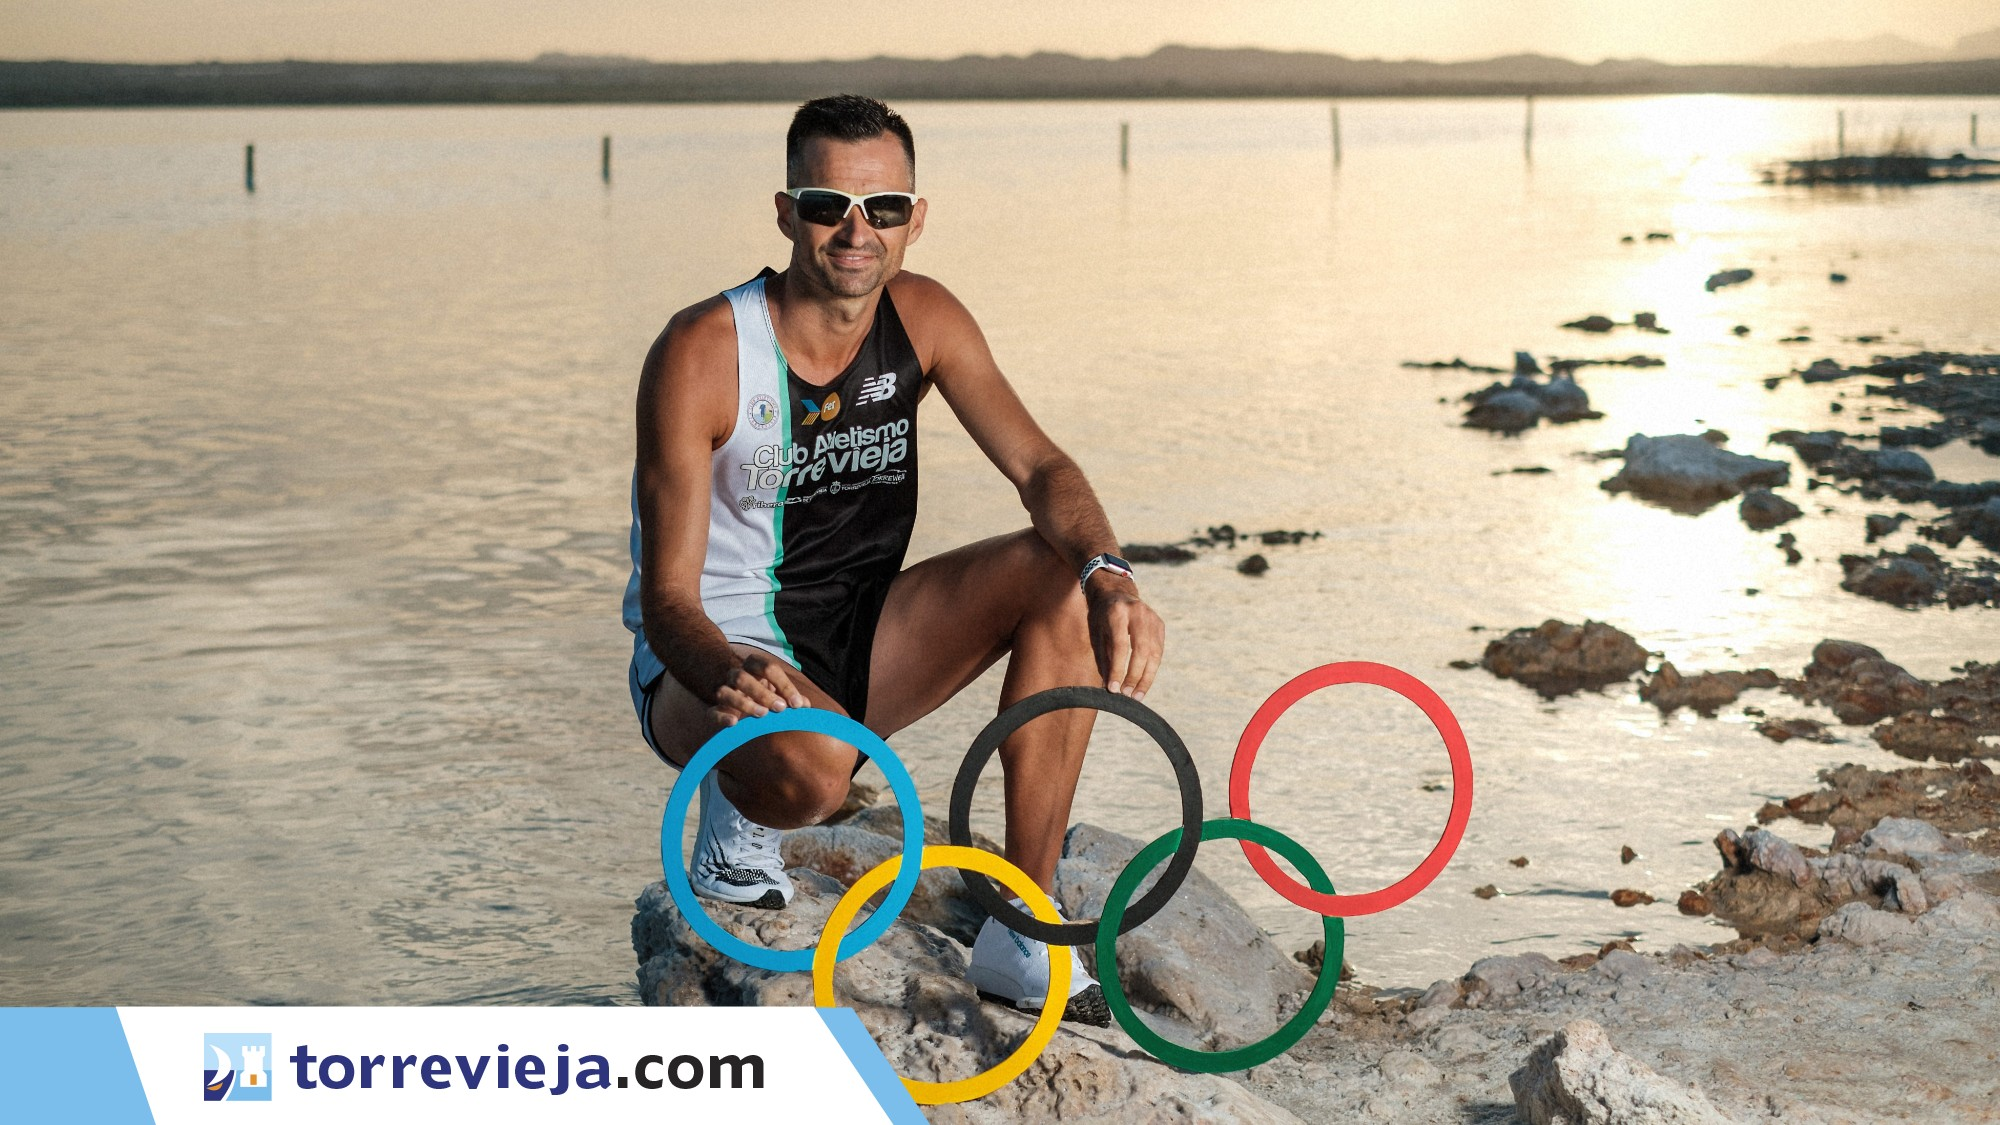 Luis Manuel Corchate Torrevieja juegos olimpicos Tokio